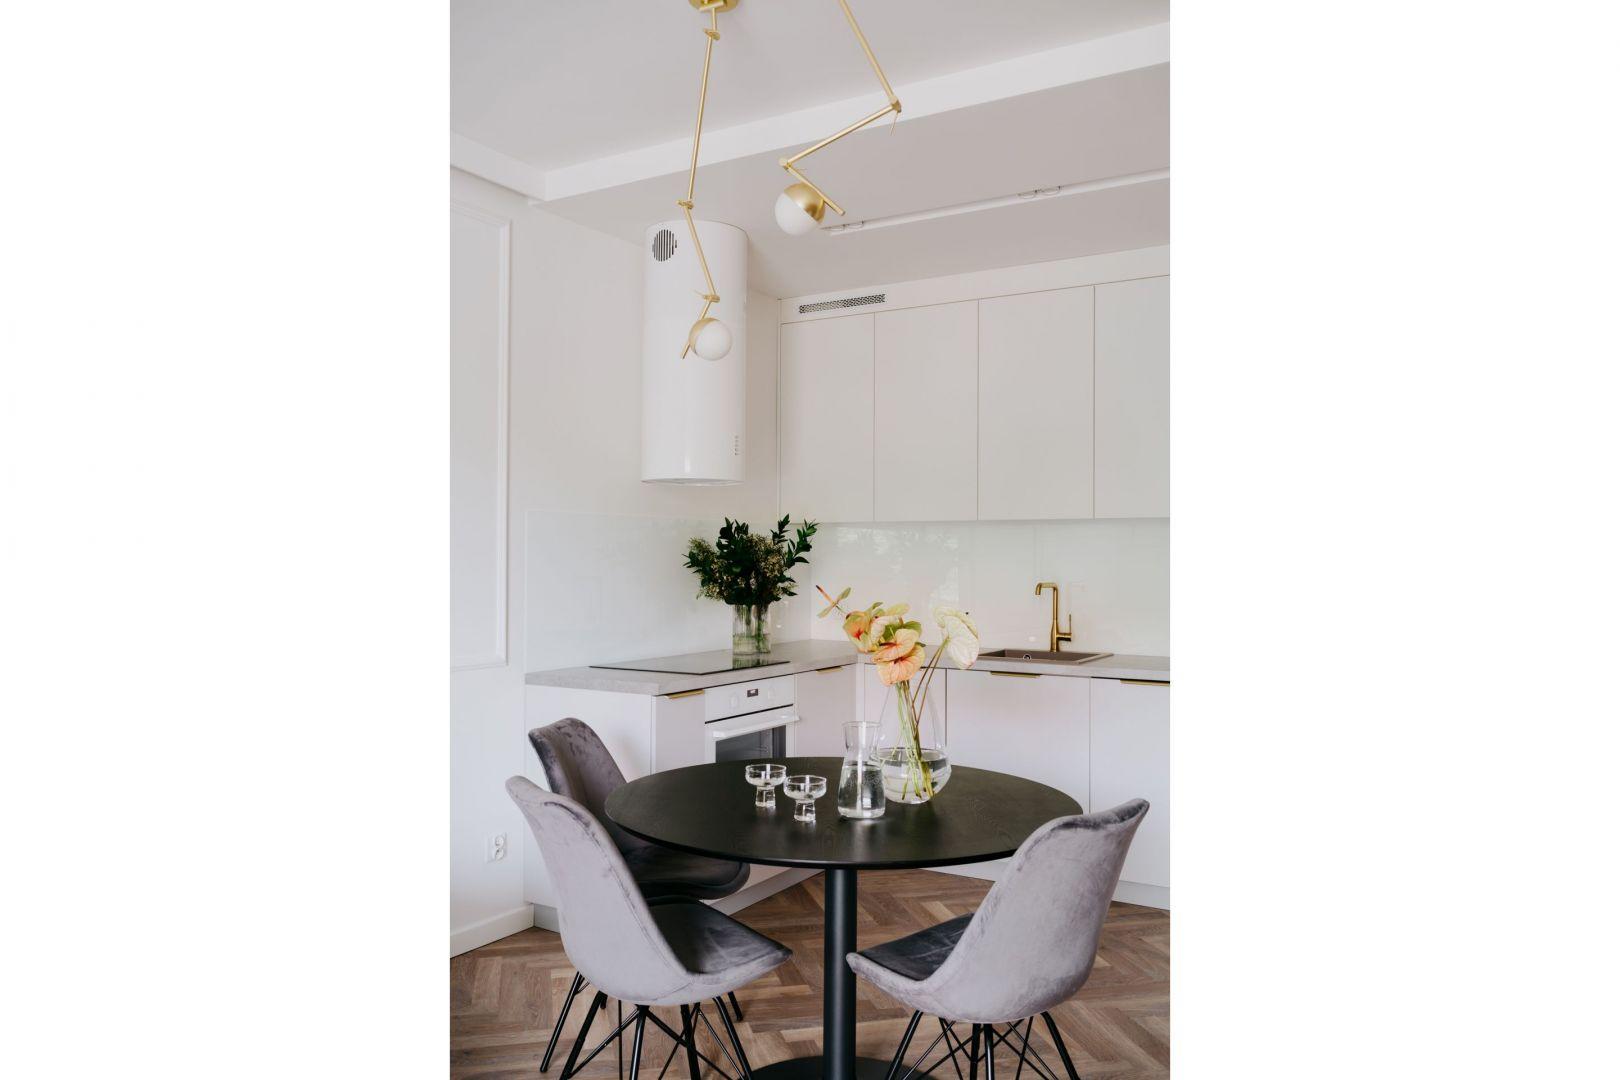 Stół można dowolnie przesuwać – projektantka postawiła bowiem na eleganckie lampy Contina Nordlux z oferty sklepu Ardant.pl z regulacją kąta nachylenia.